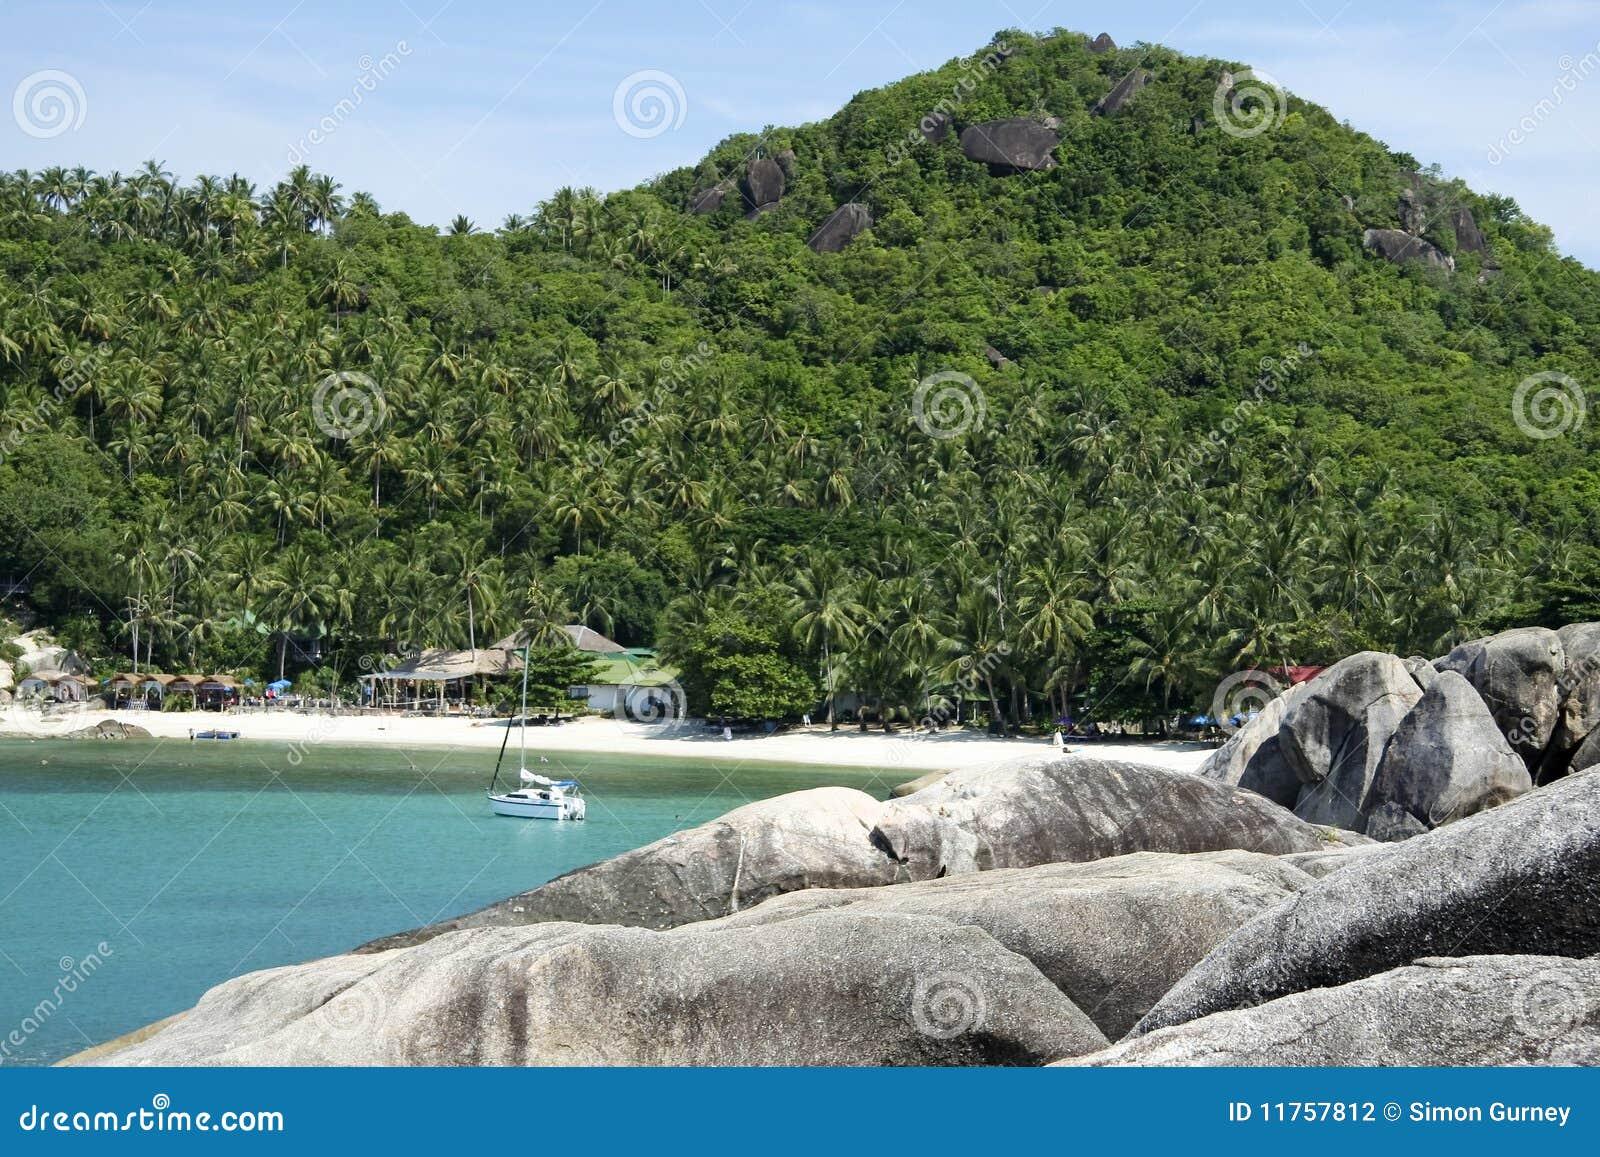 Koh samui beach yacht thailand